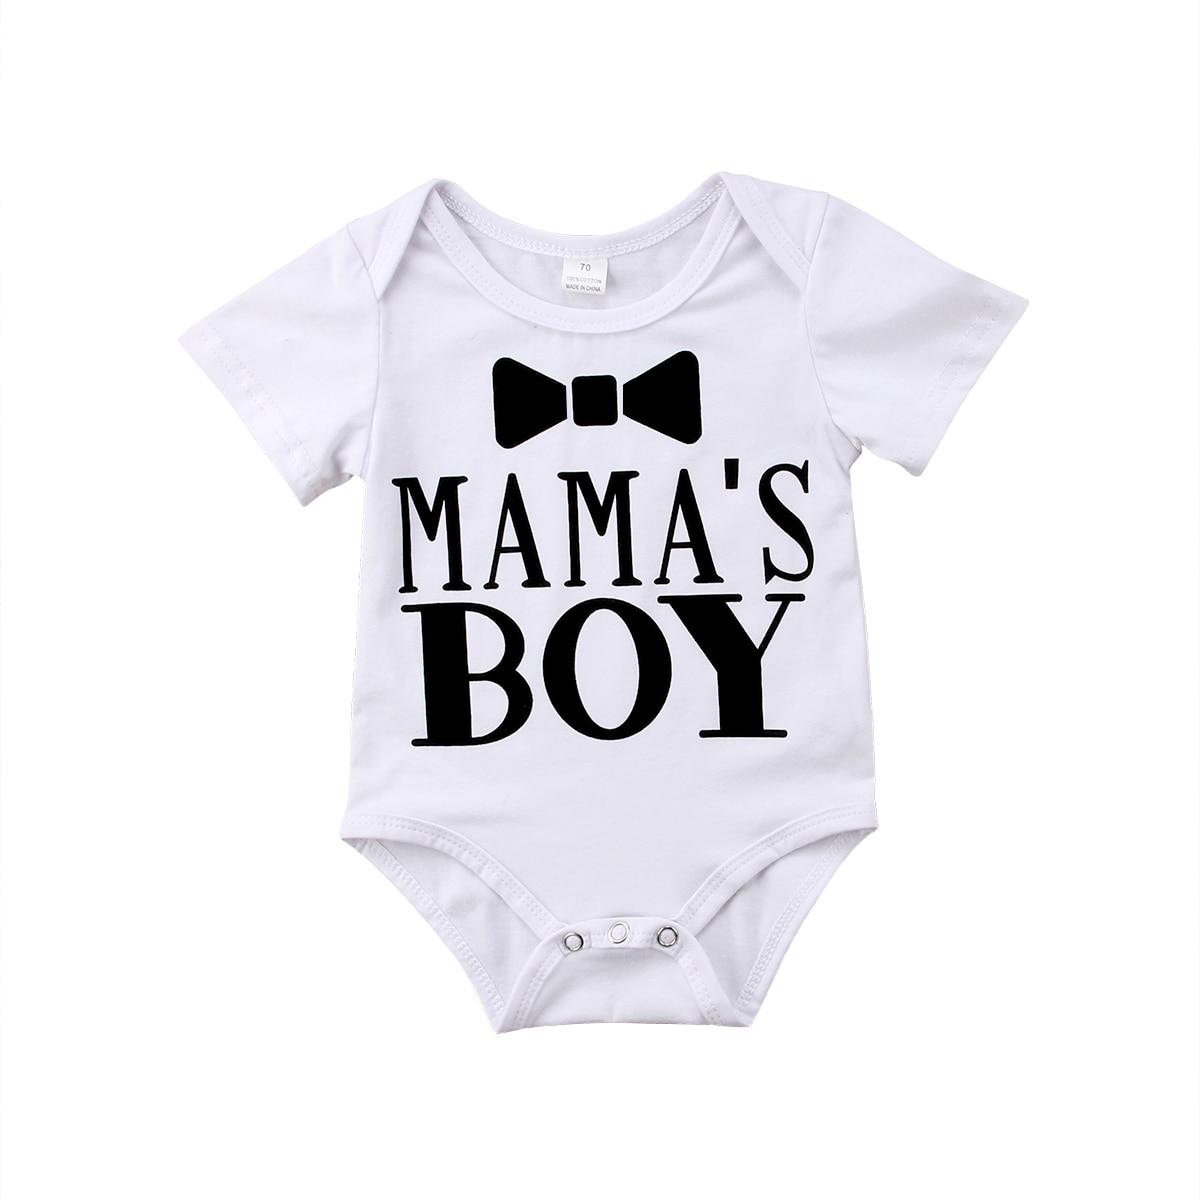 Kids Mama's Boy Newborn Infant Baby Boy Cotton Letter Bodysuits Sunsuit Jumpsuit Babygrow